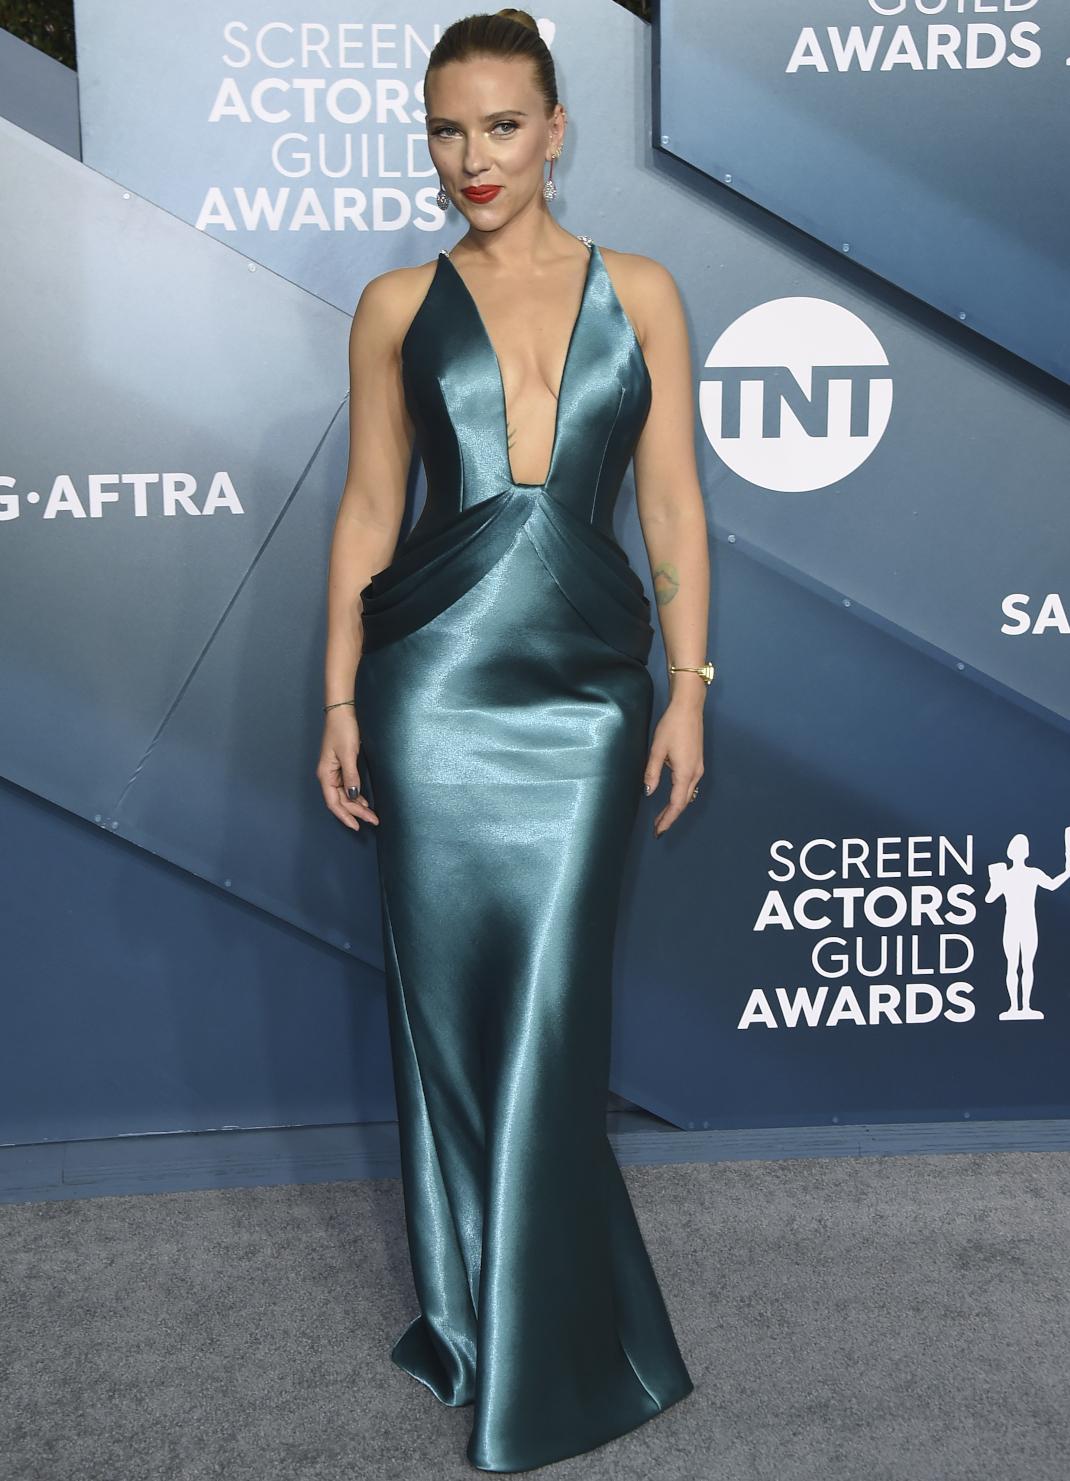 Η Scarlett Johansson στο κόκκινο χαλί των SAG Awards